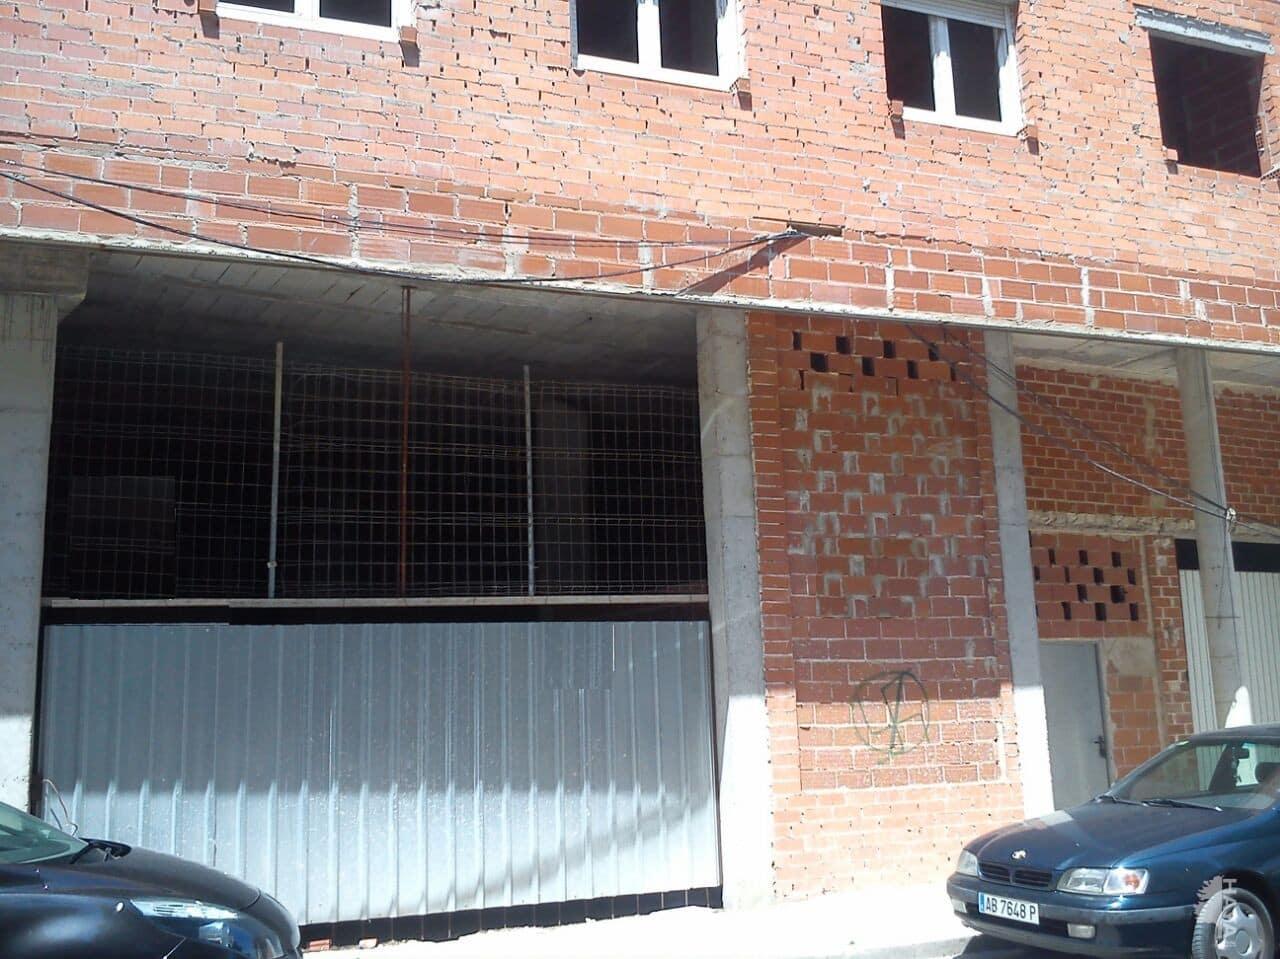 Piso en venta en La Roda, la Roda, Albacete, Calle Juan Garcia Glz, 34.700 €, 1 habitación, 1 baño, 95 m2